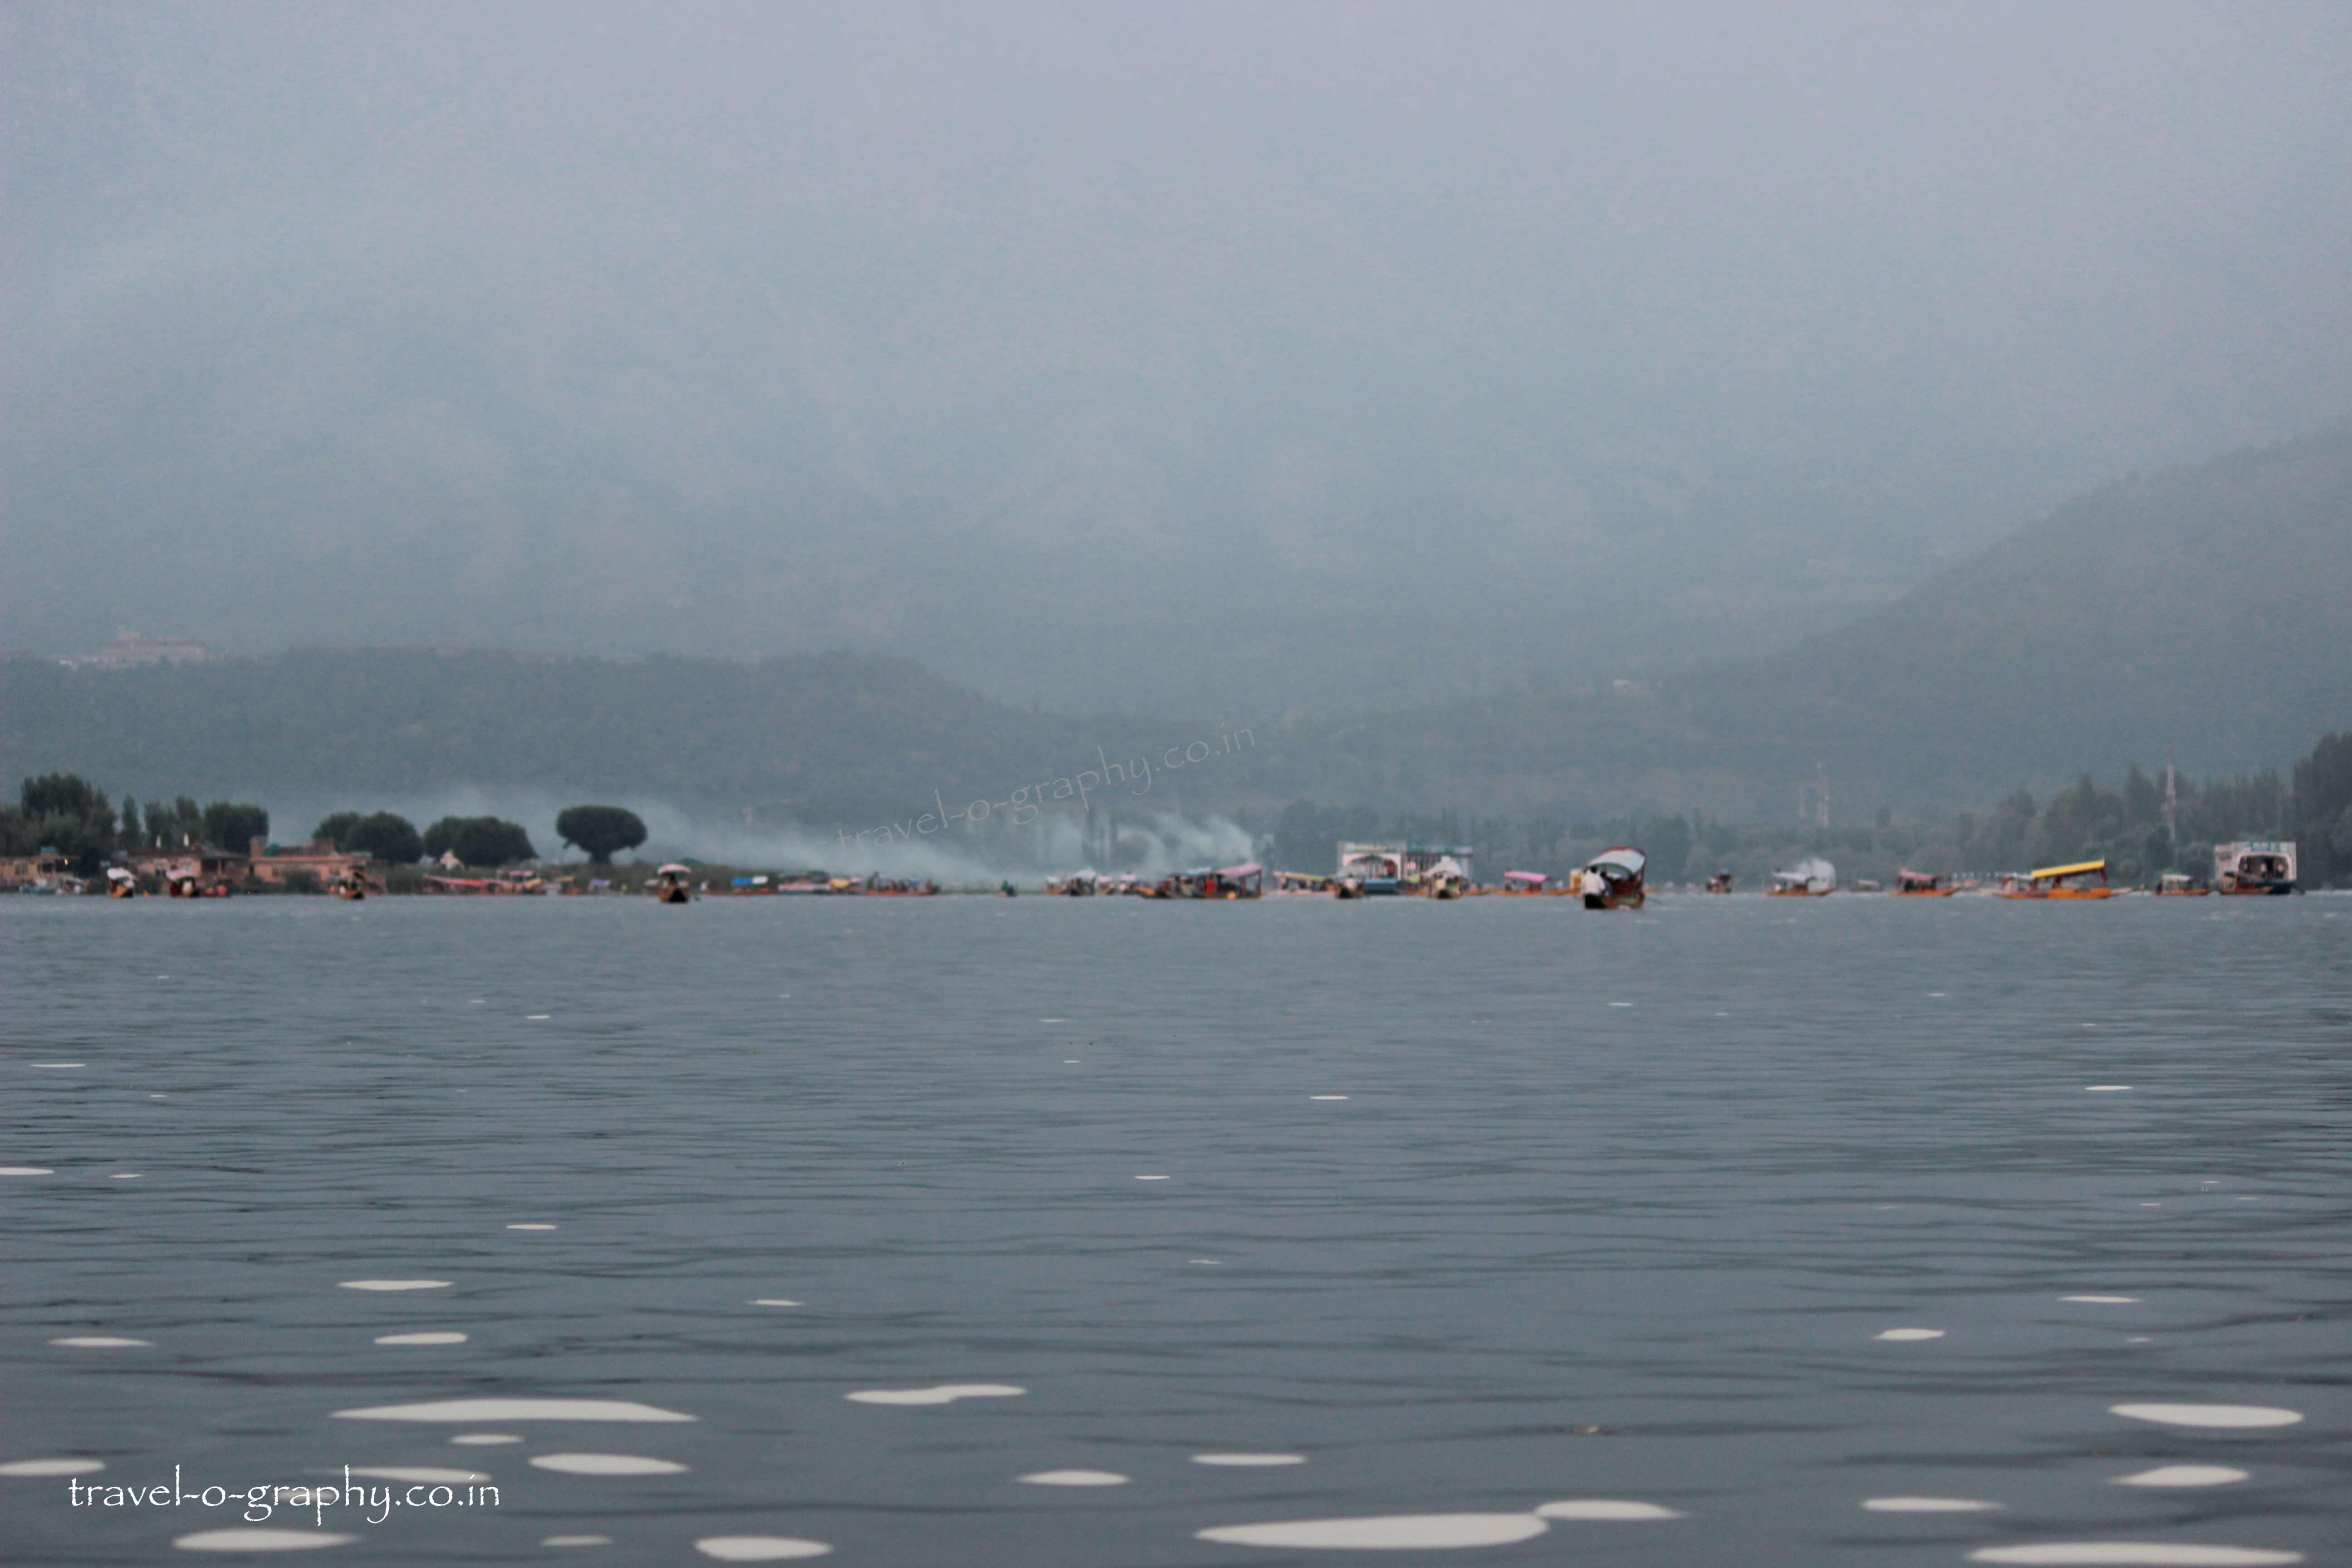 Serene & Calm Dal Lake of Jammu & Kashmir